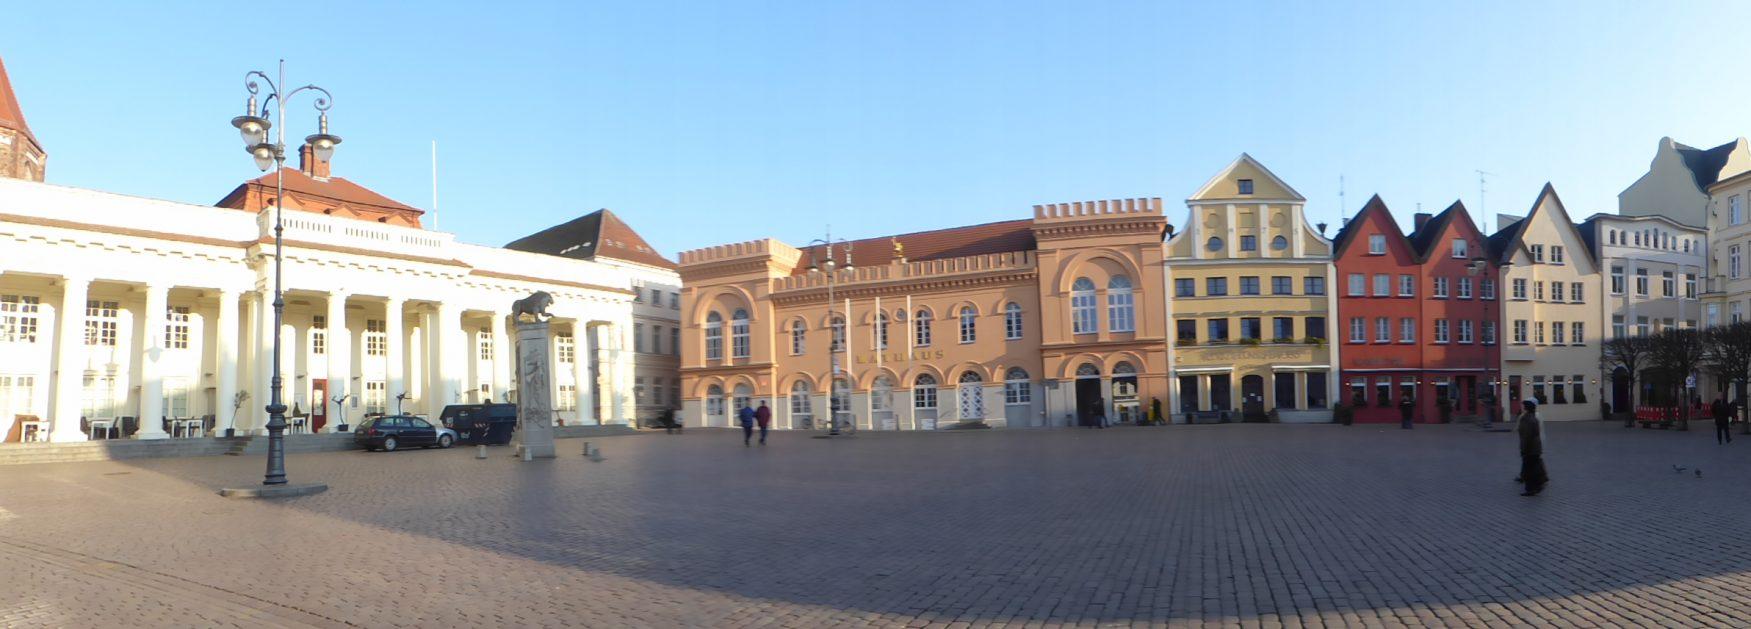 Blick auf den Marktplatz von Schwerin Foto: Weirauch